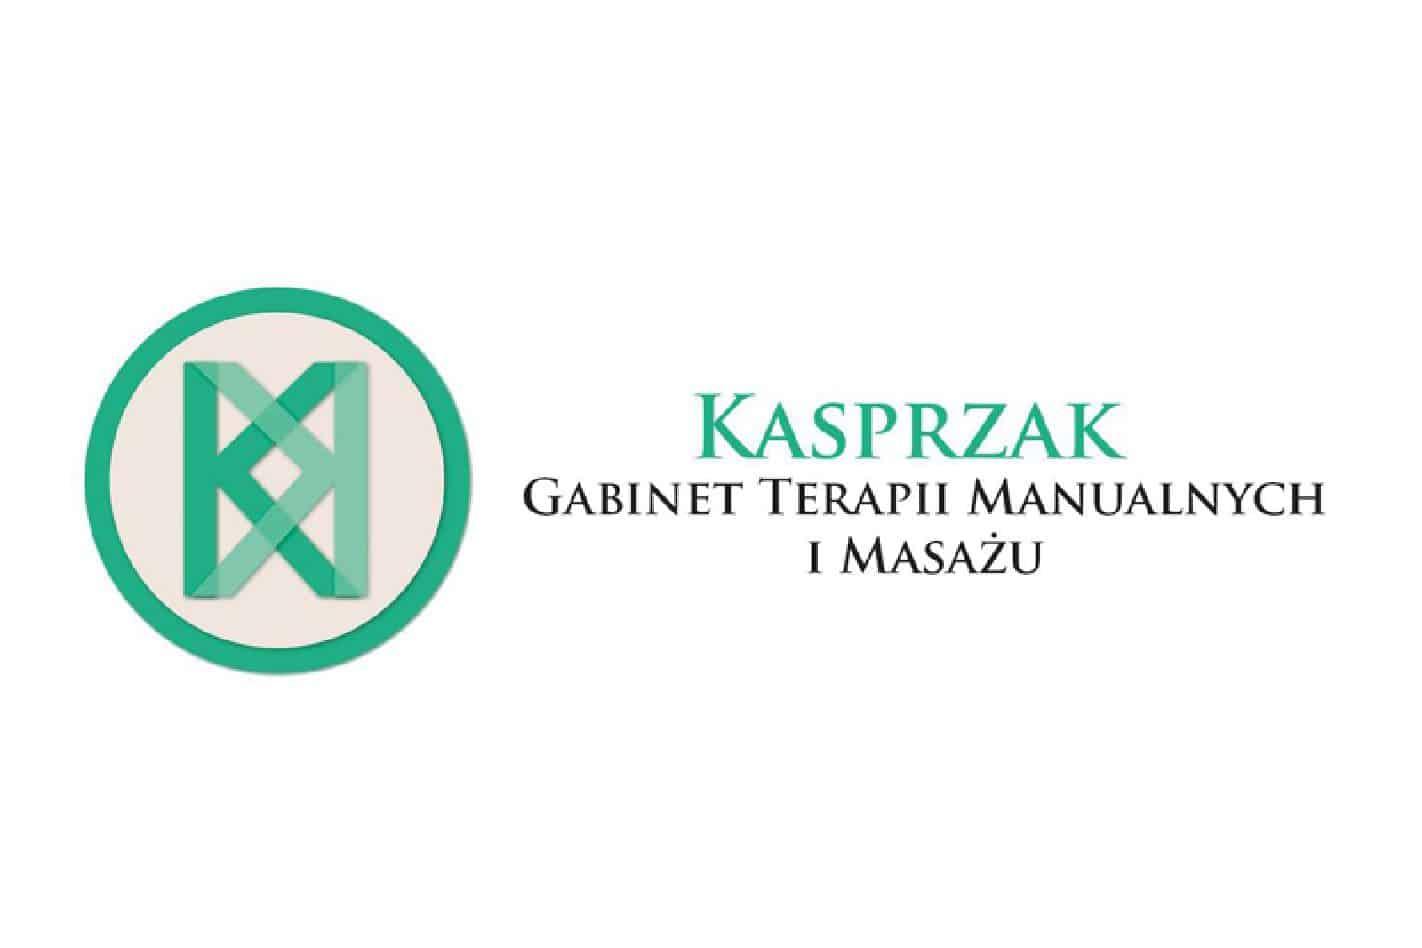 Kasprzak Gabinet Terapii Manualnych i Masażu – Poradnia Rehabilitacyjna